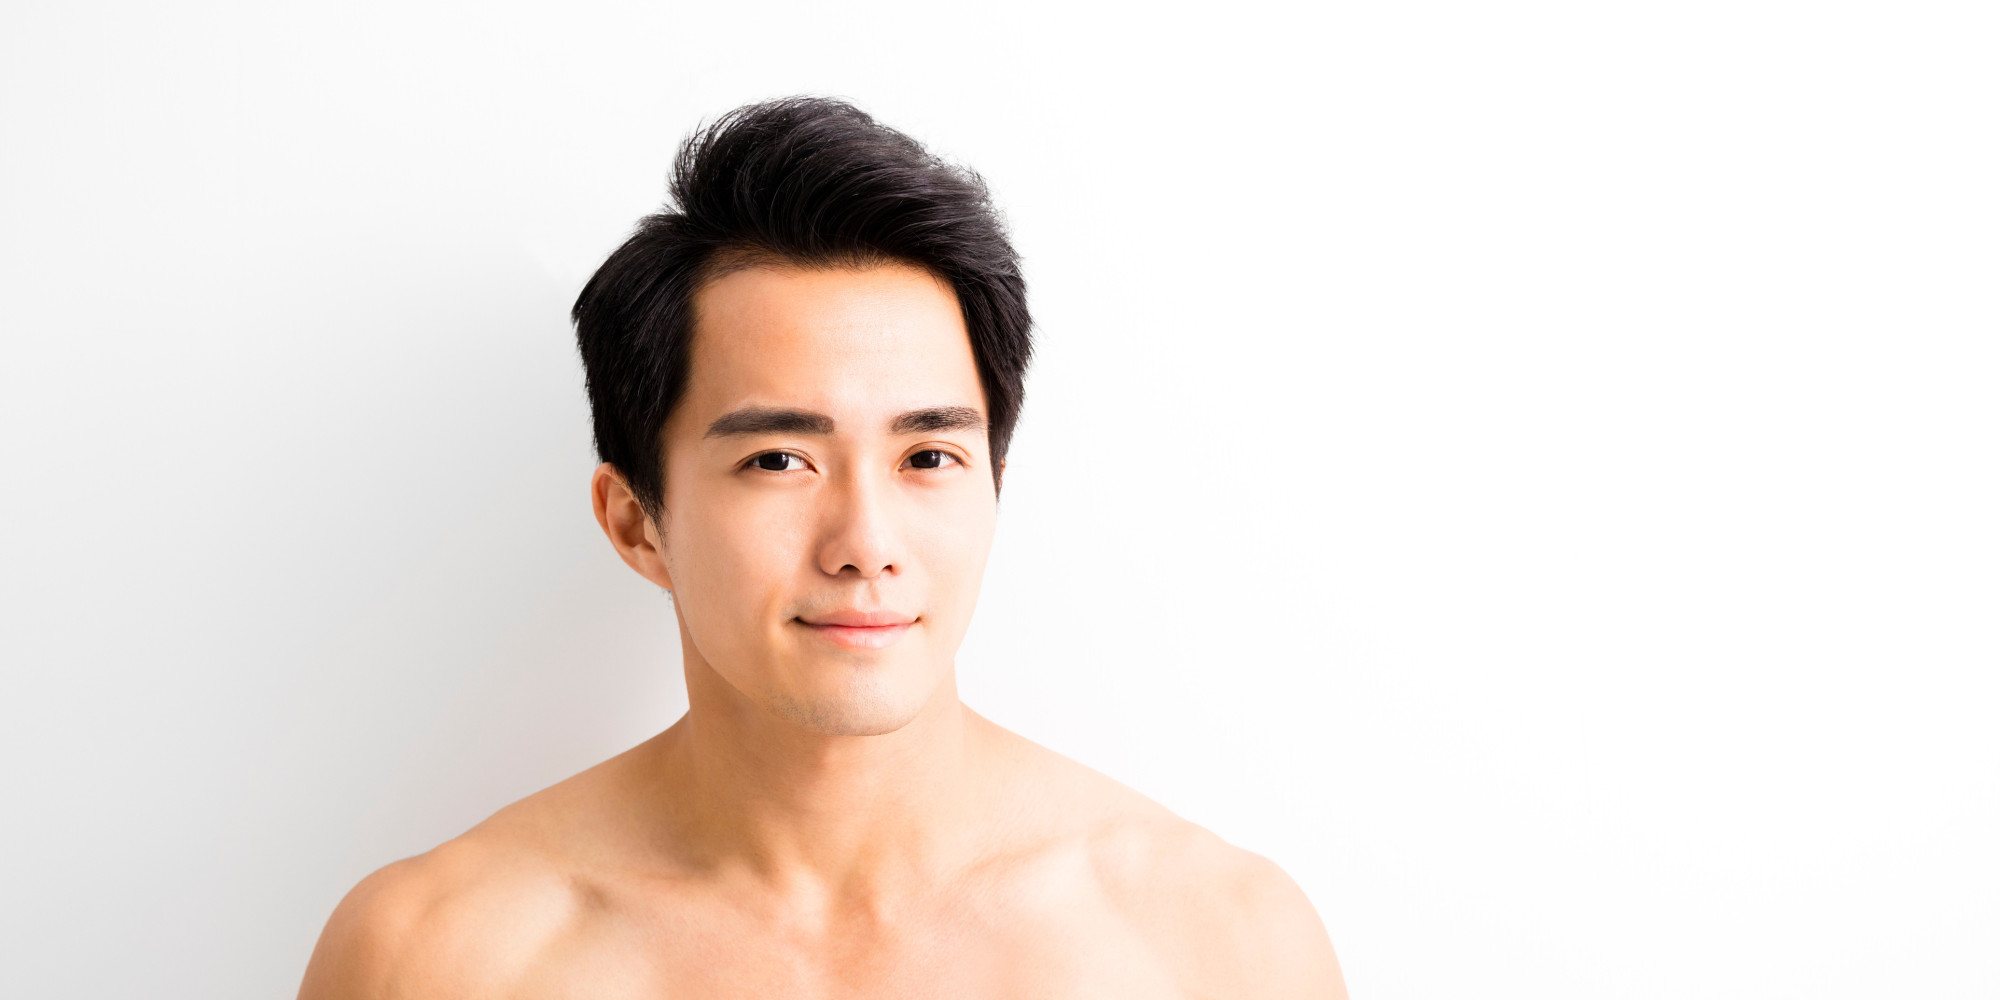 Facial moisterizer reviews